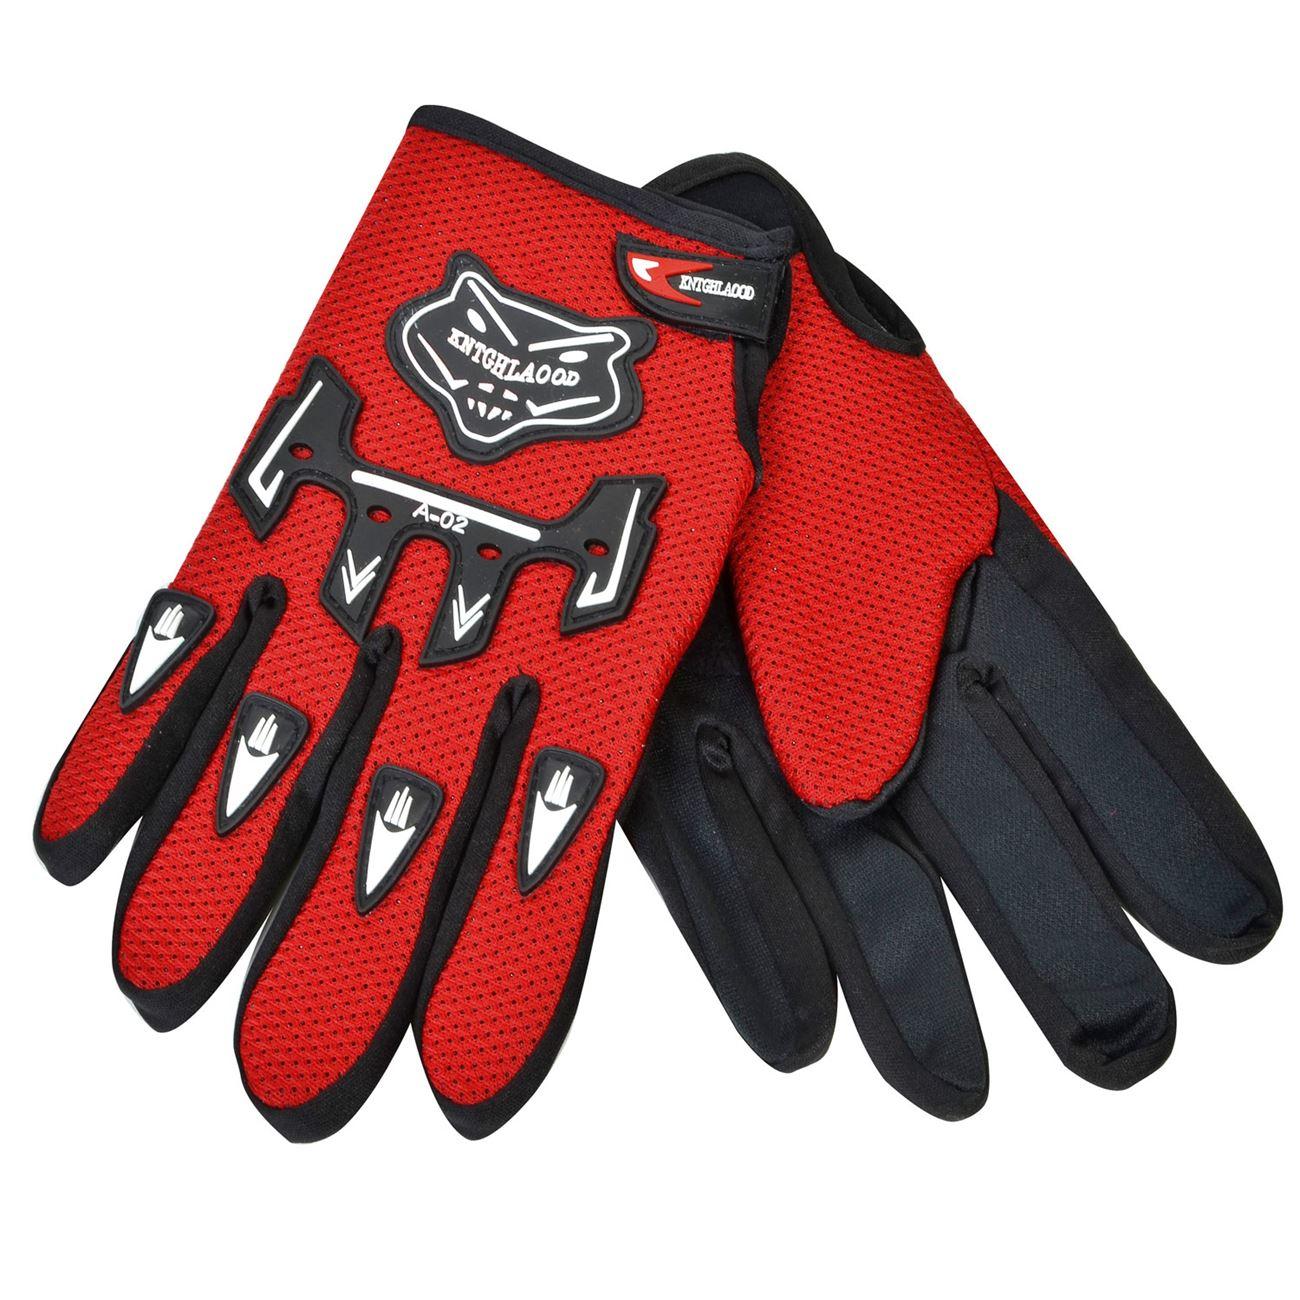 Γάντια Μοτοσυκλετιστή Κόκκινο Μαύρο One Size   Αξεσουάρ Μηχανής  fa27b725ac1